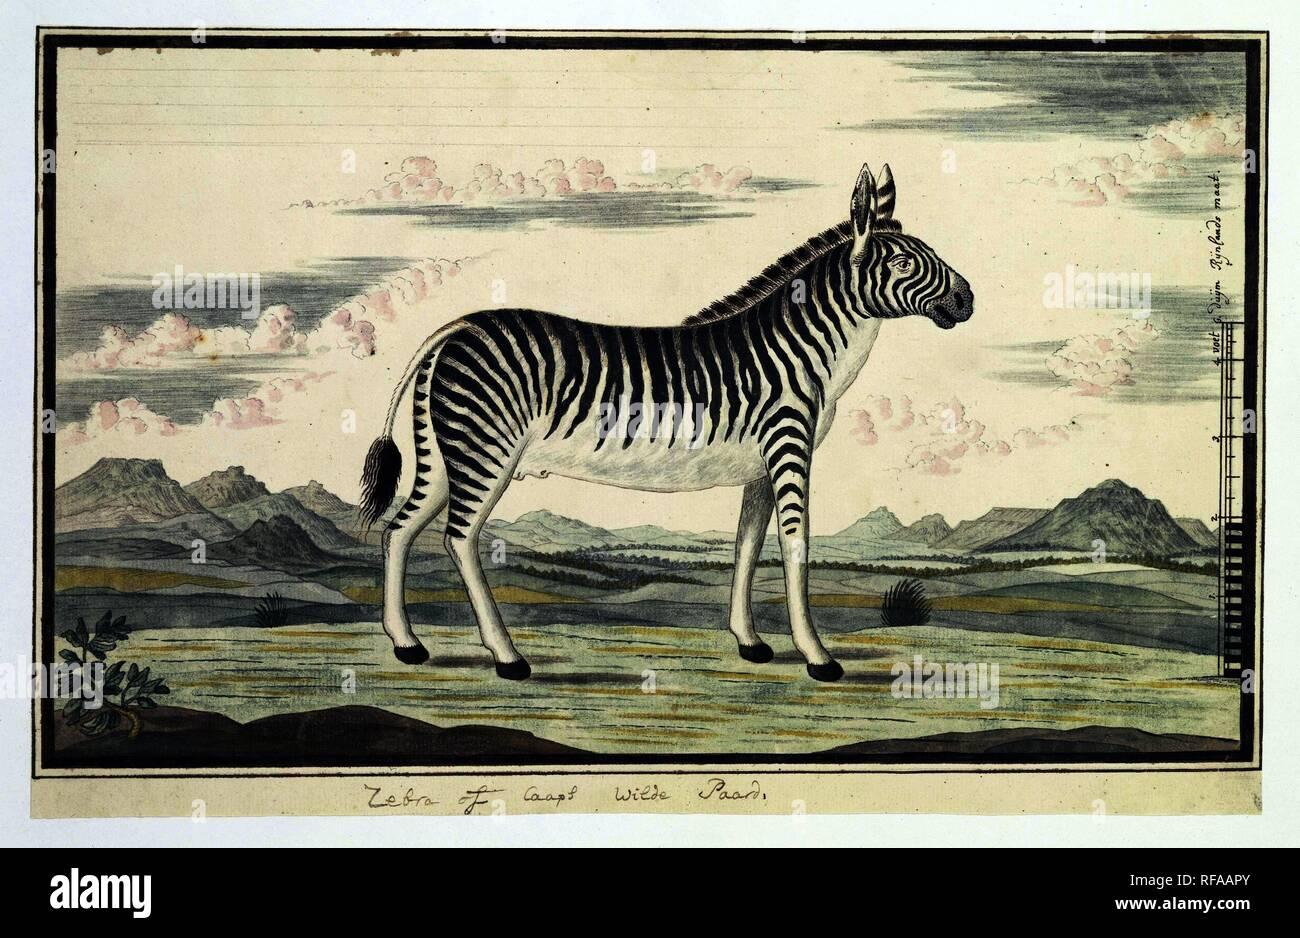 zebra dating qatar single dating